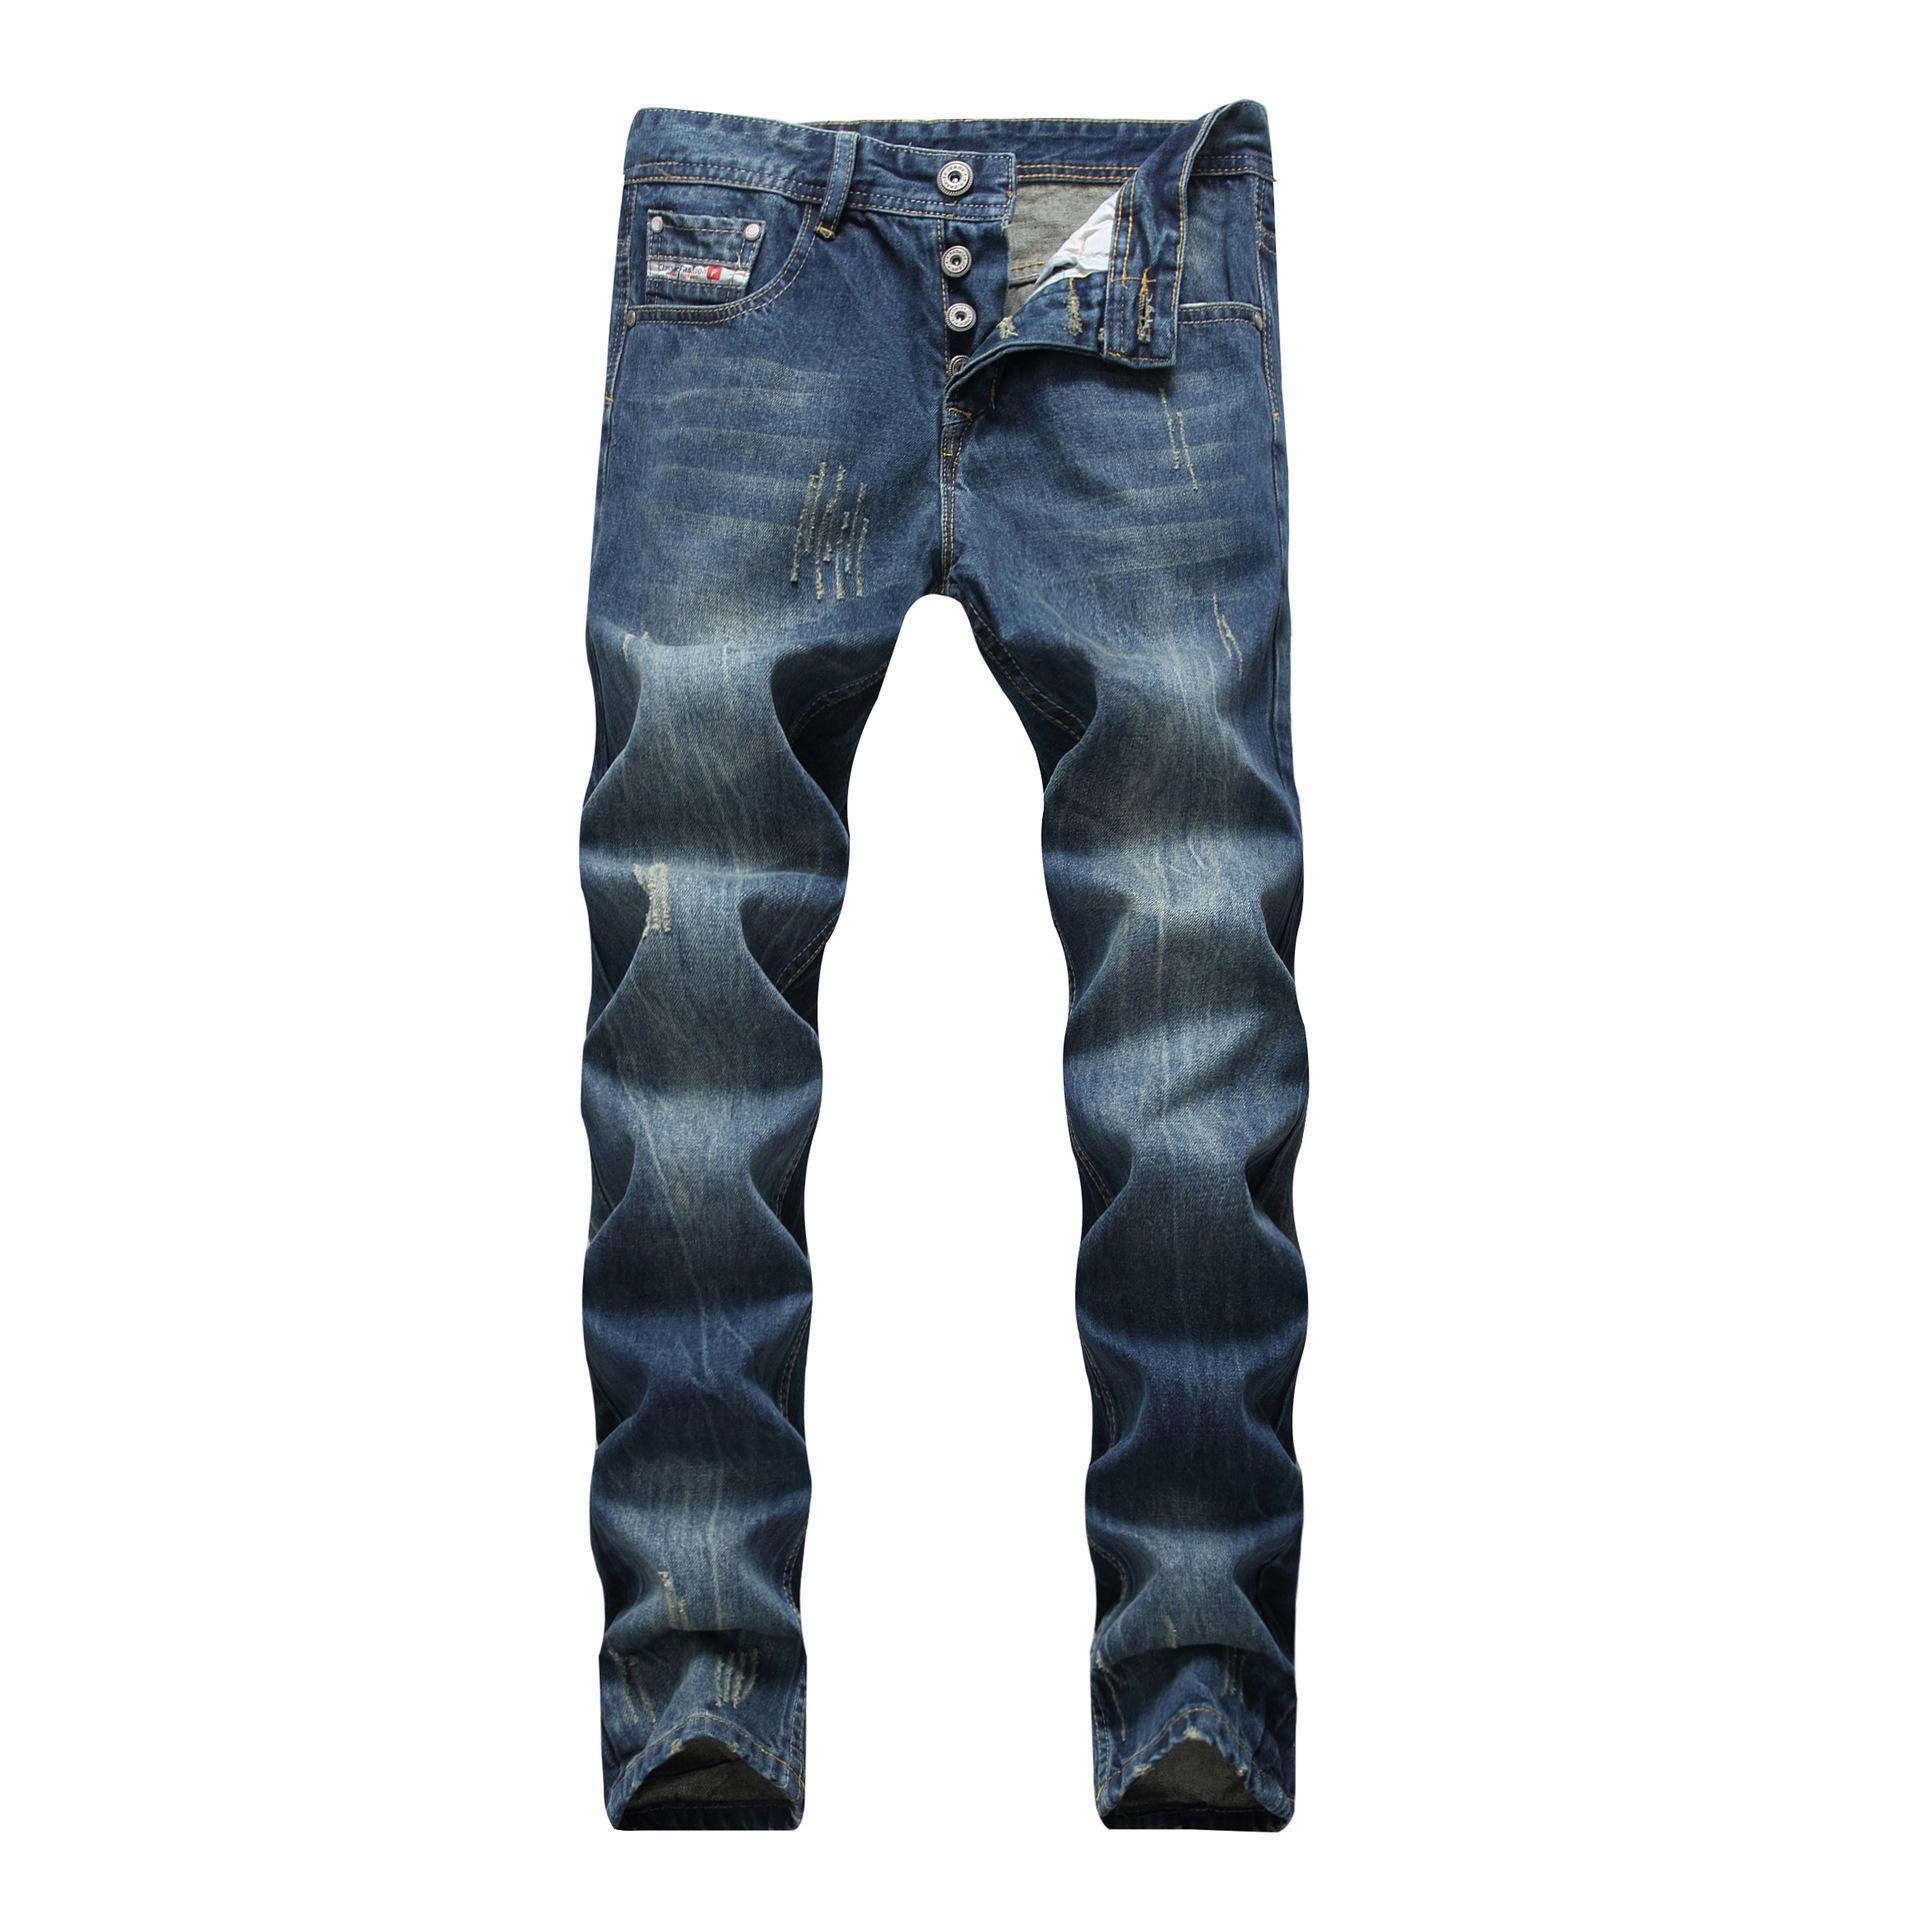 2020 neue Abnutzungs Löcher Männer nostalgischen Herren-Jeans blau Retro beunruhigt gerade gerade platzen Hose getragen